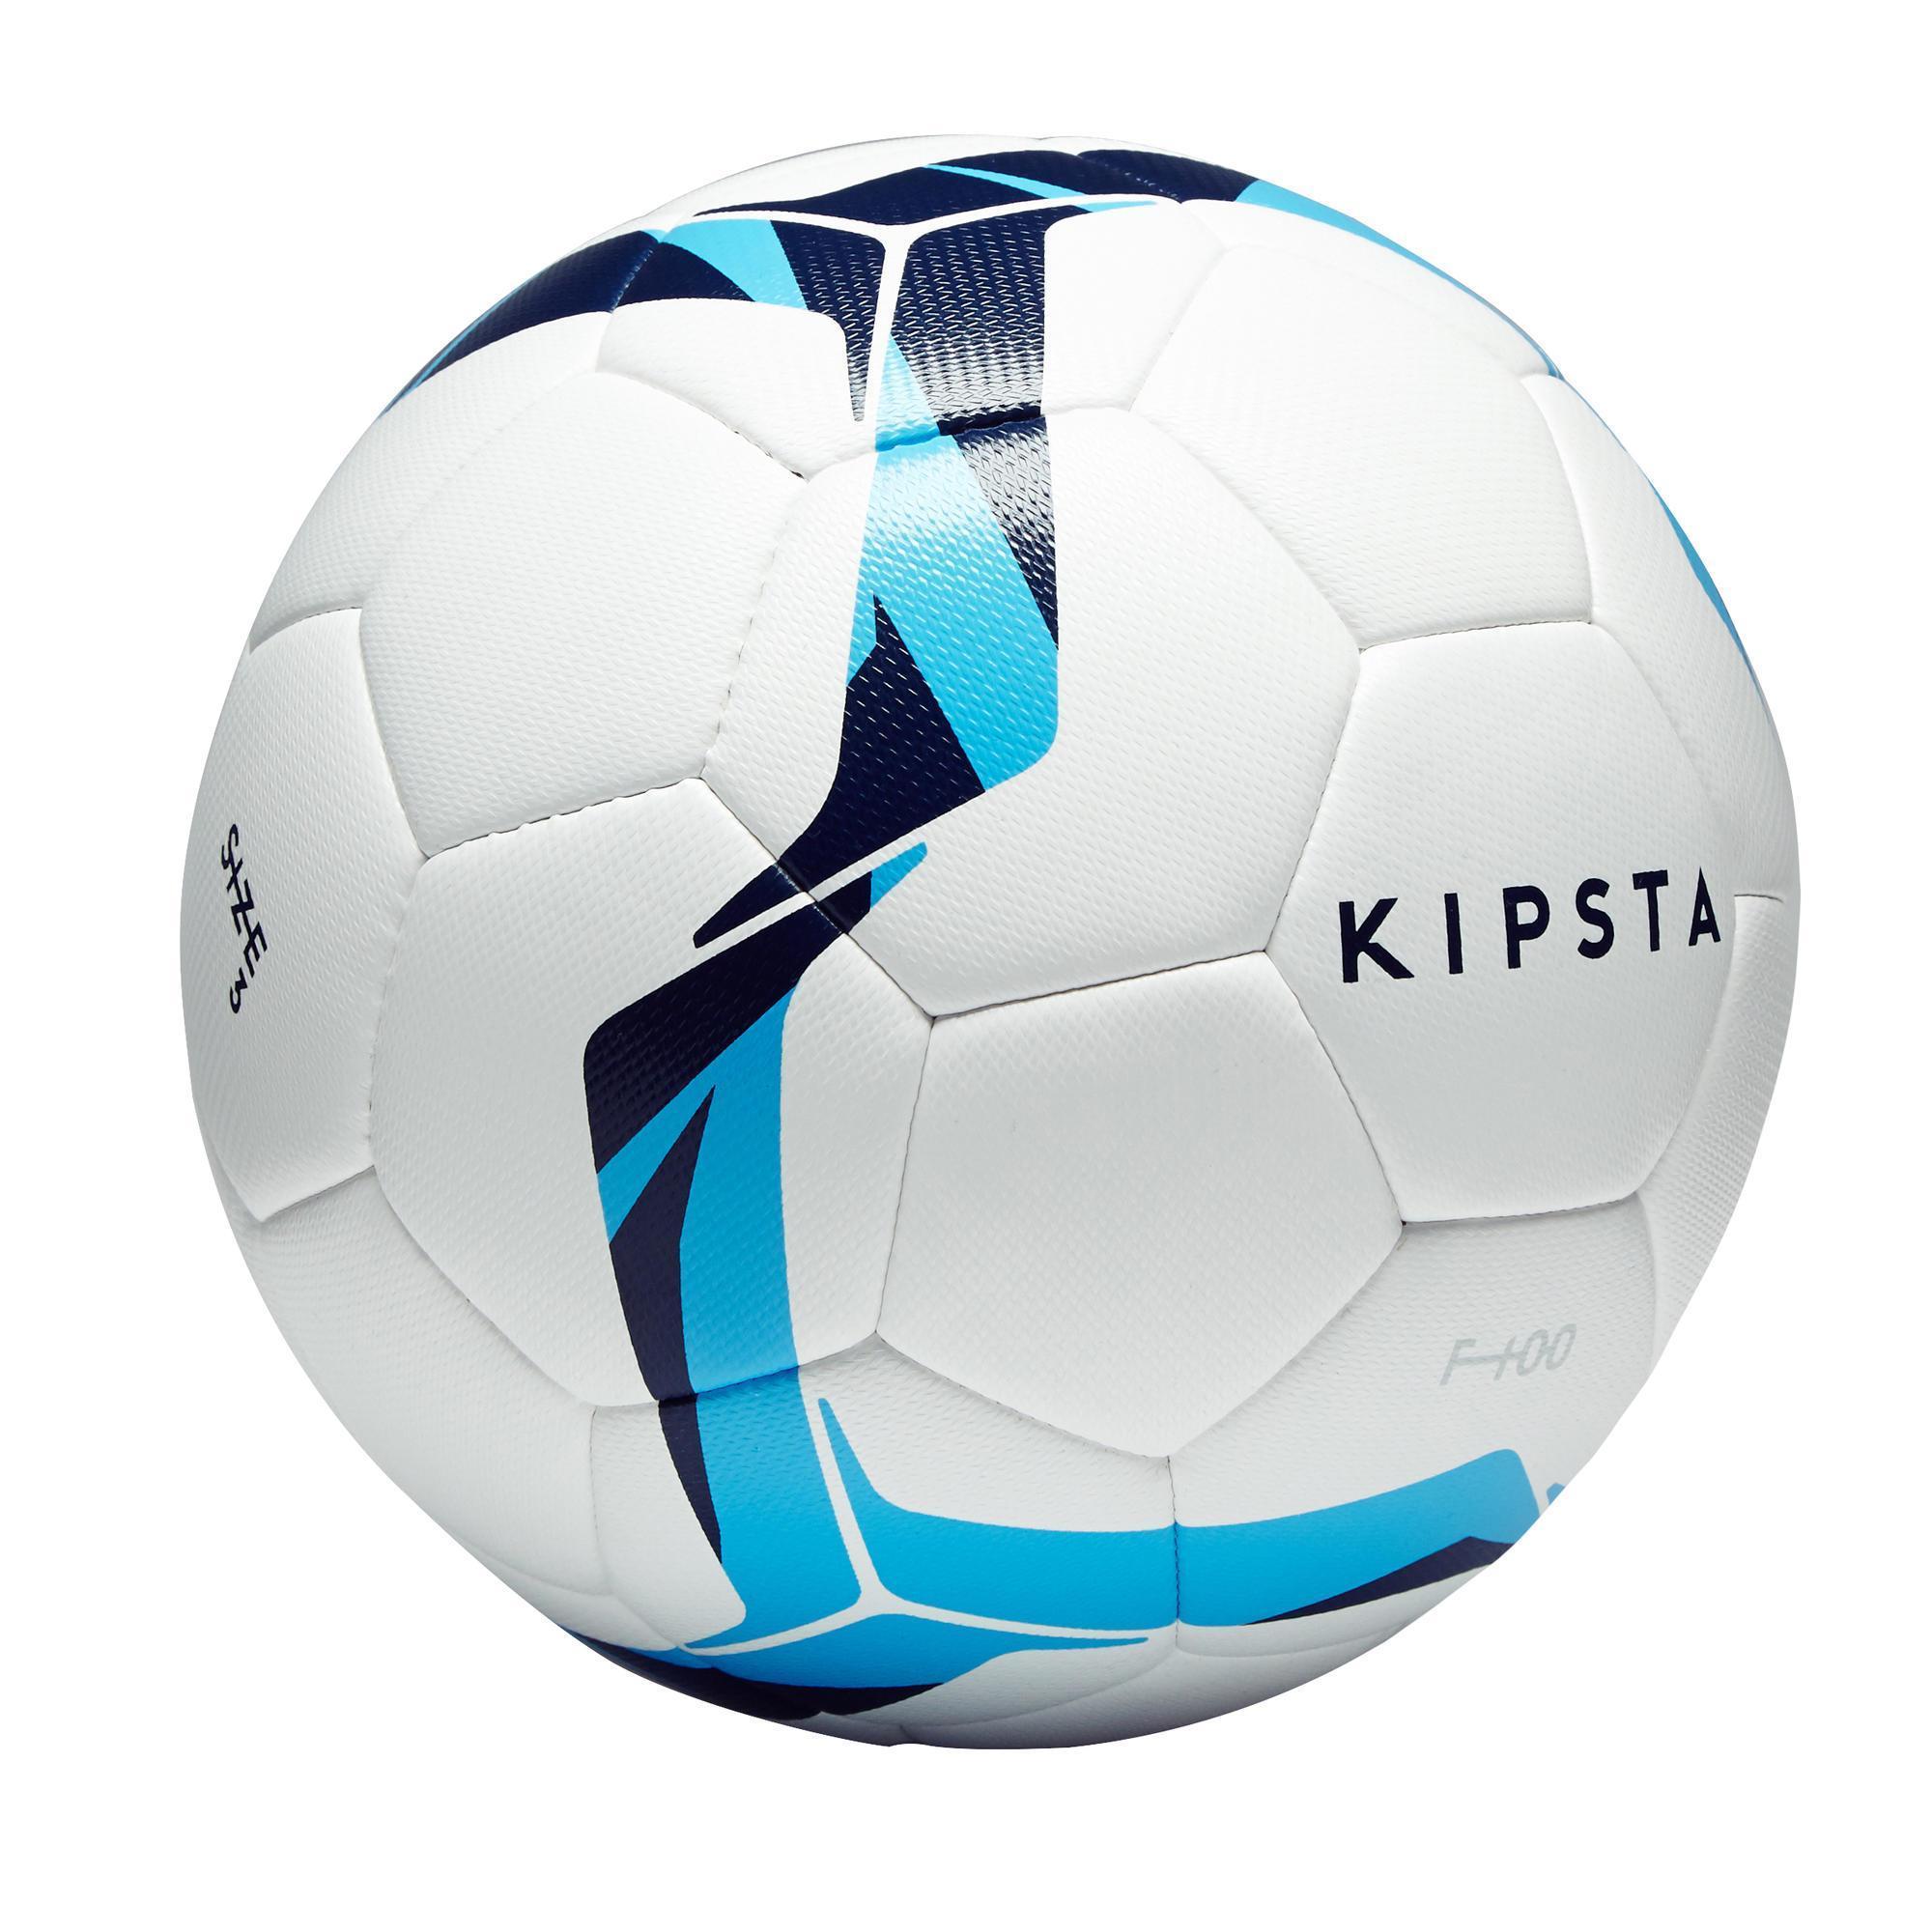 Kipsta Voetbal F100 hybride maat 3 wit blauw kopen